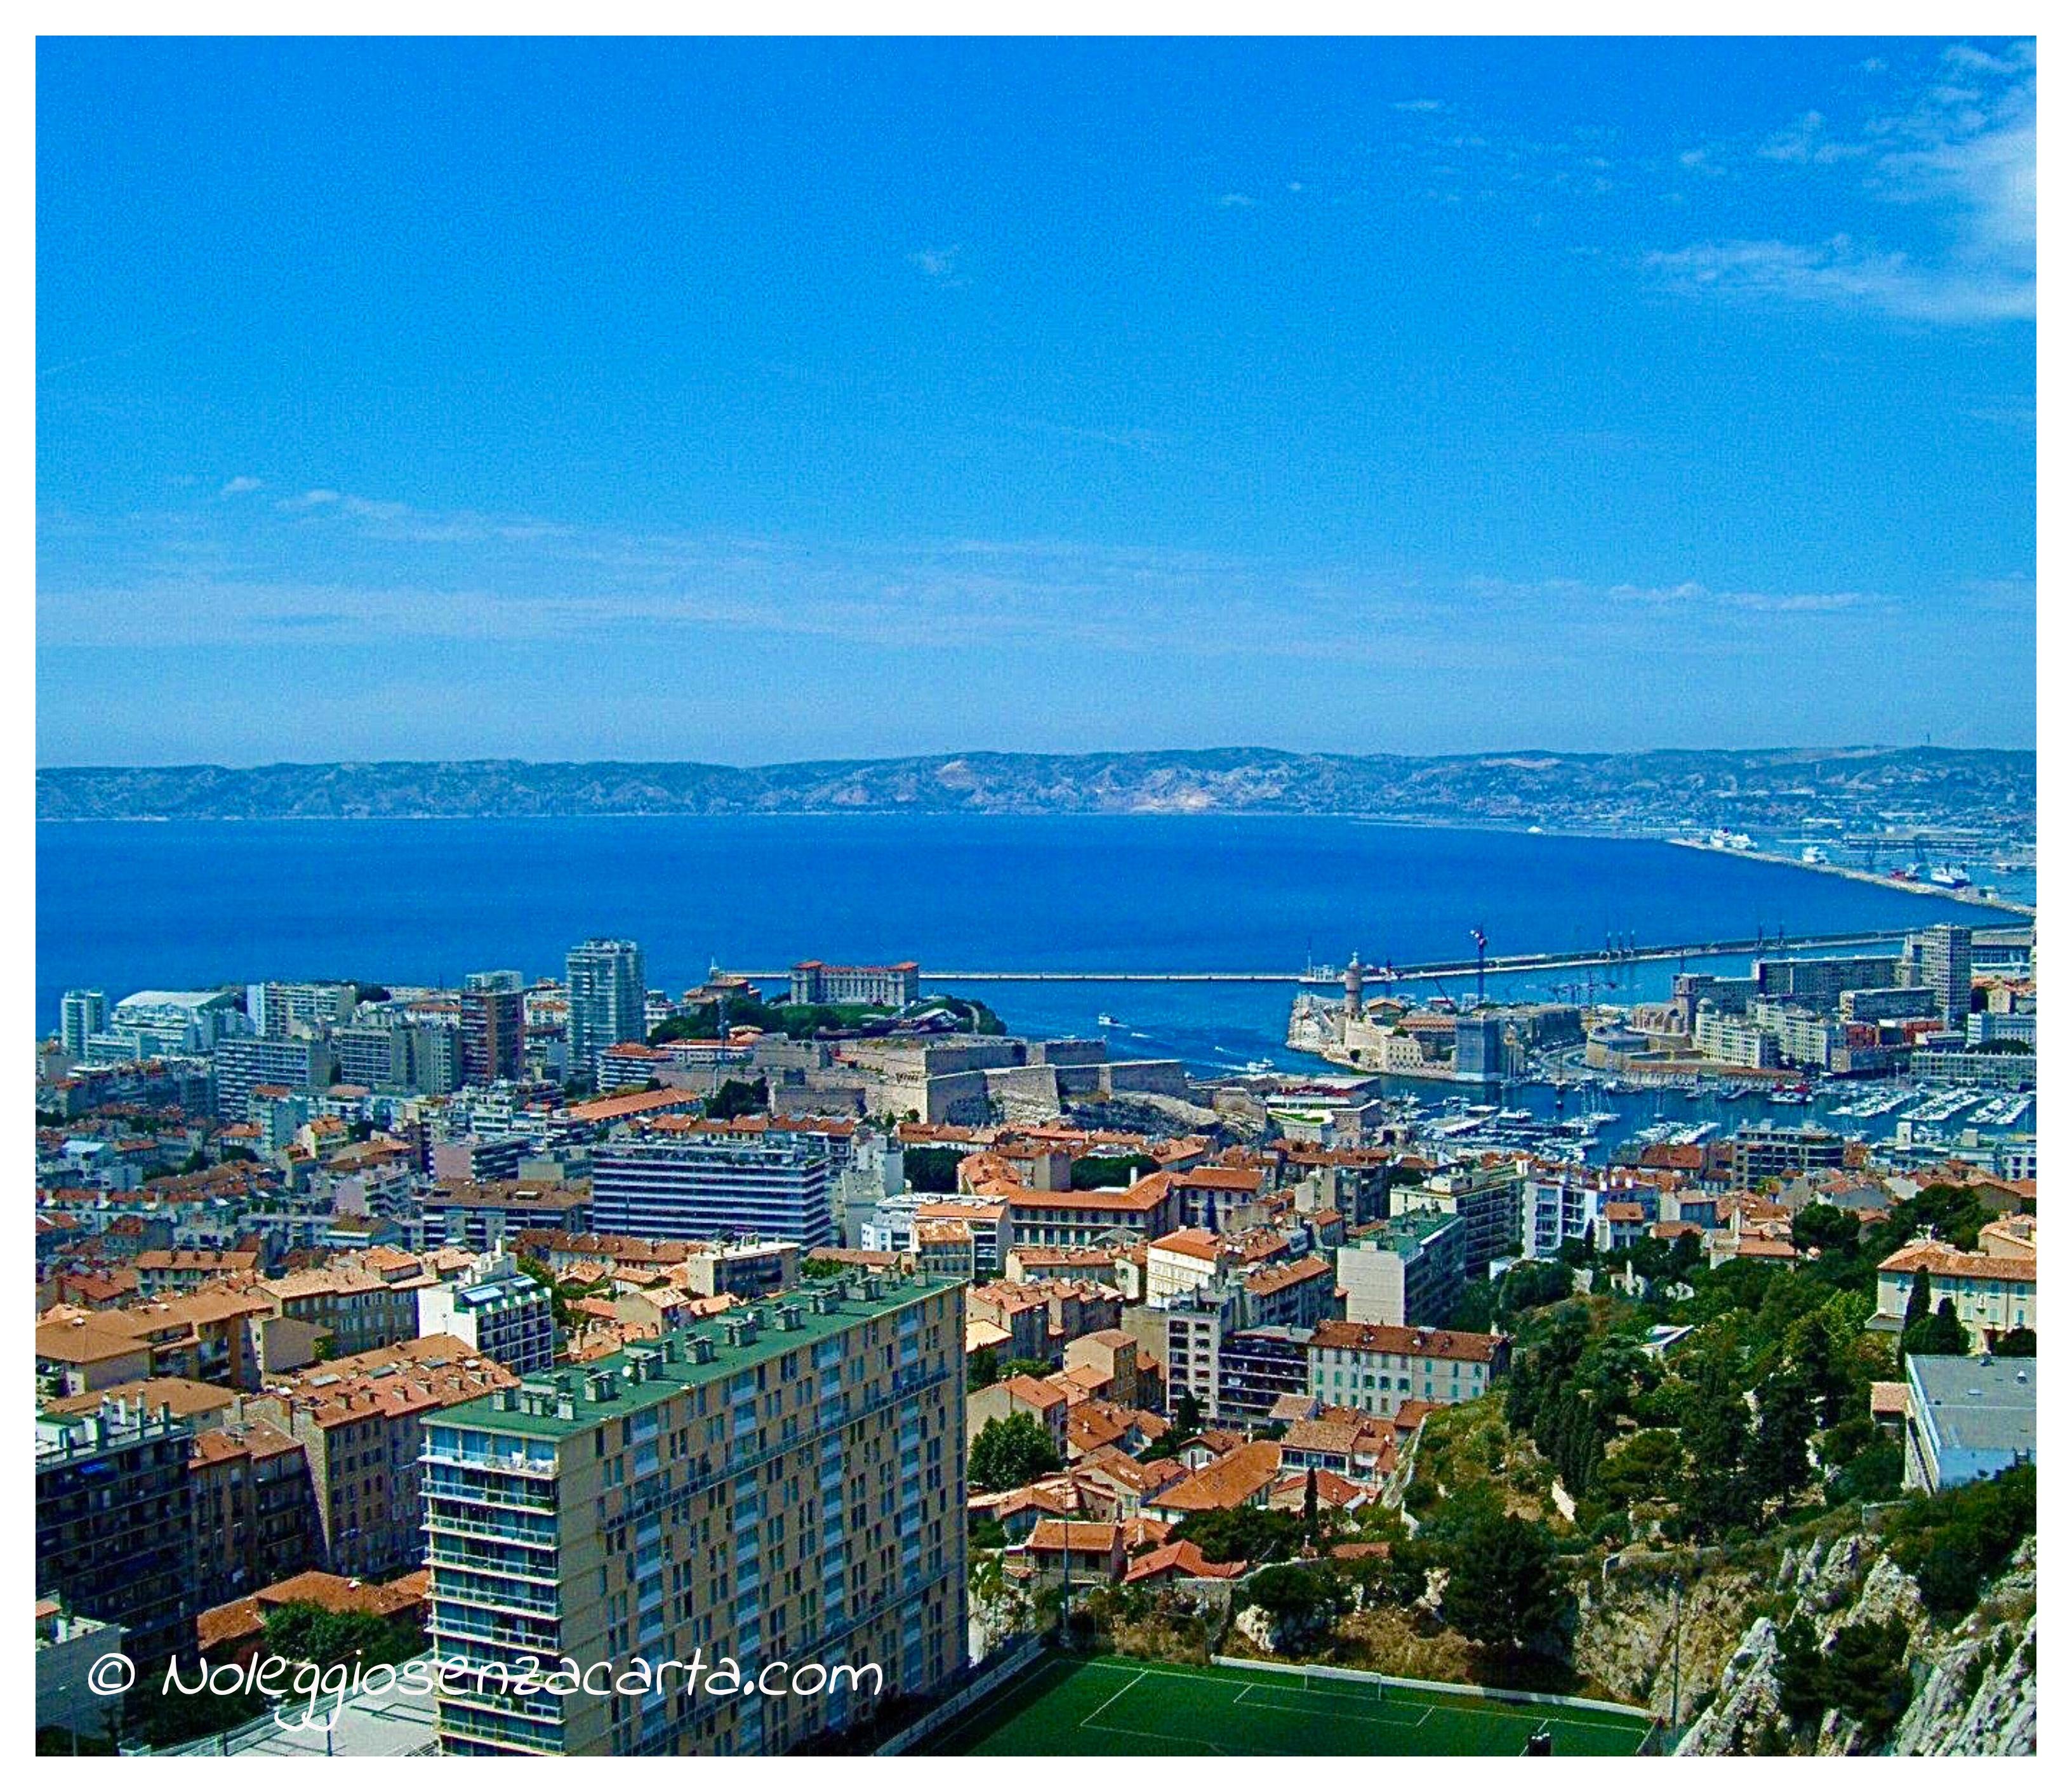 Noleggiare auto senza carta di credito a Marsiglia